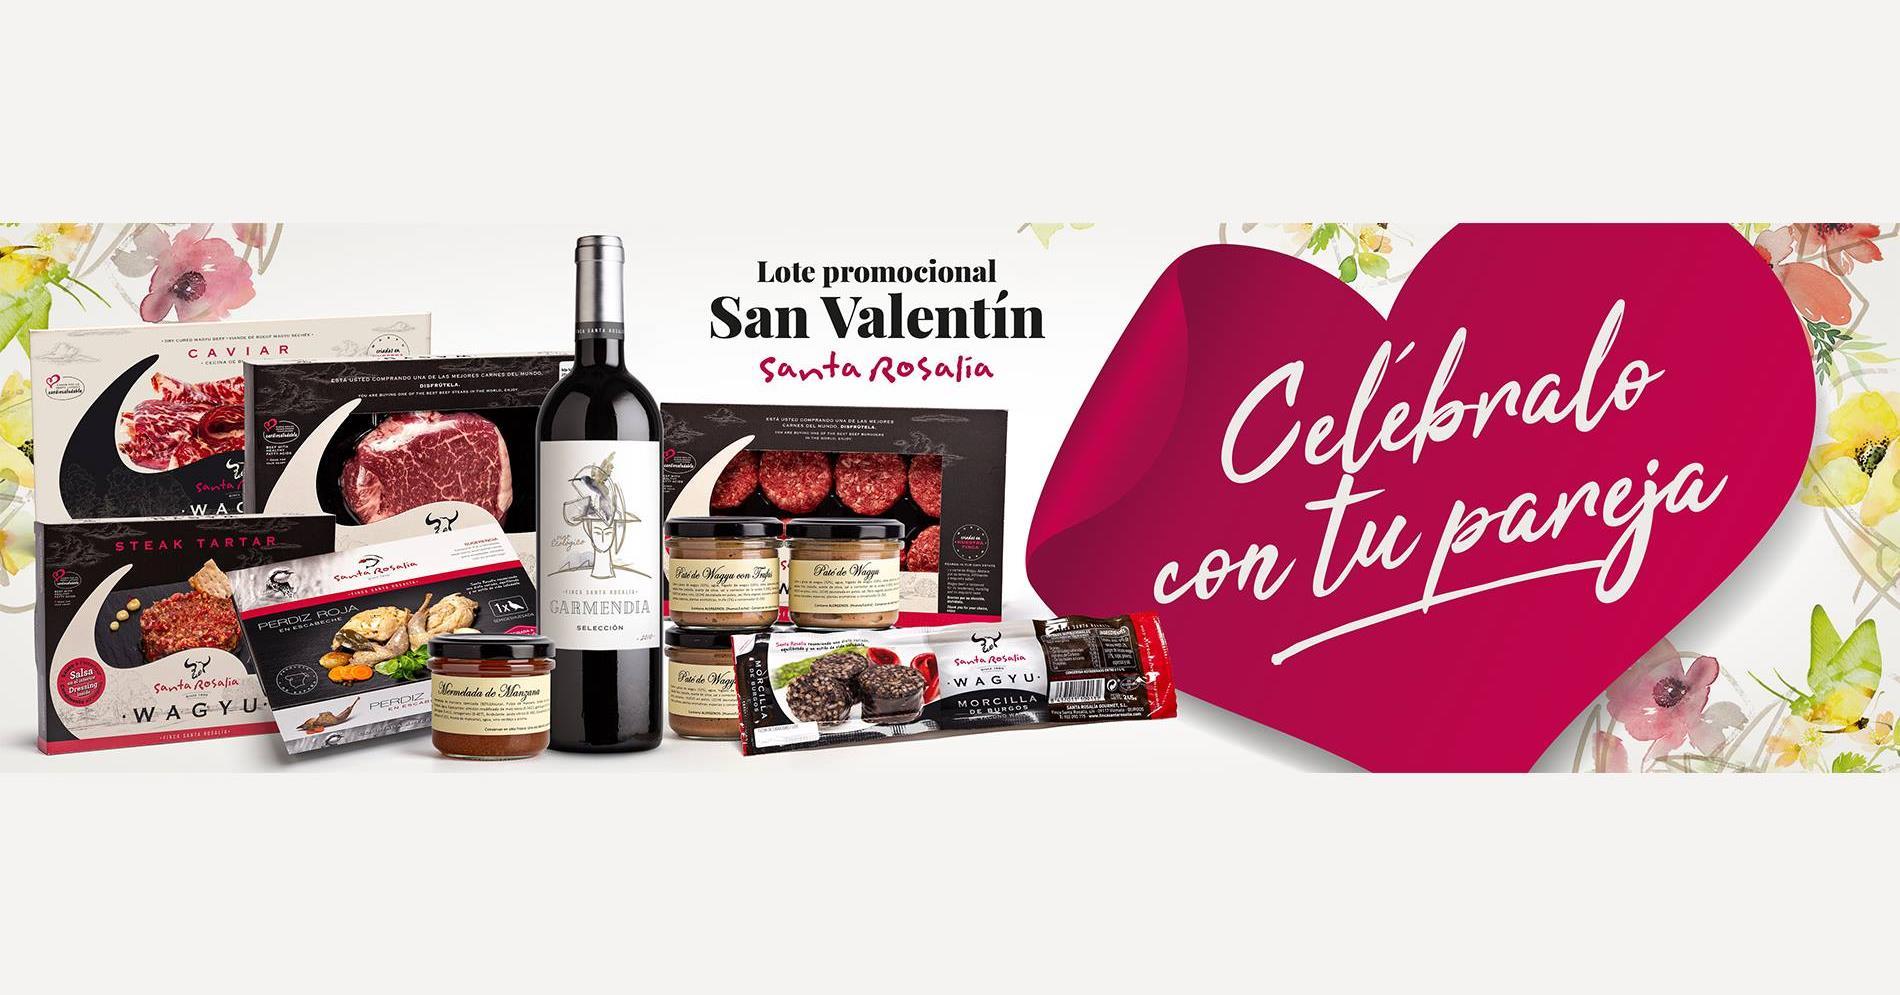 Productos burgaleses San Valentin Burgos